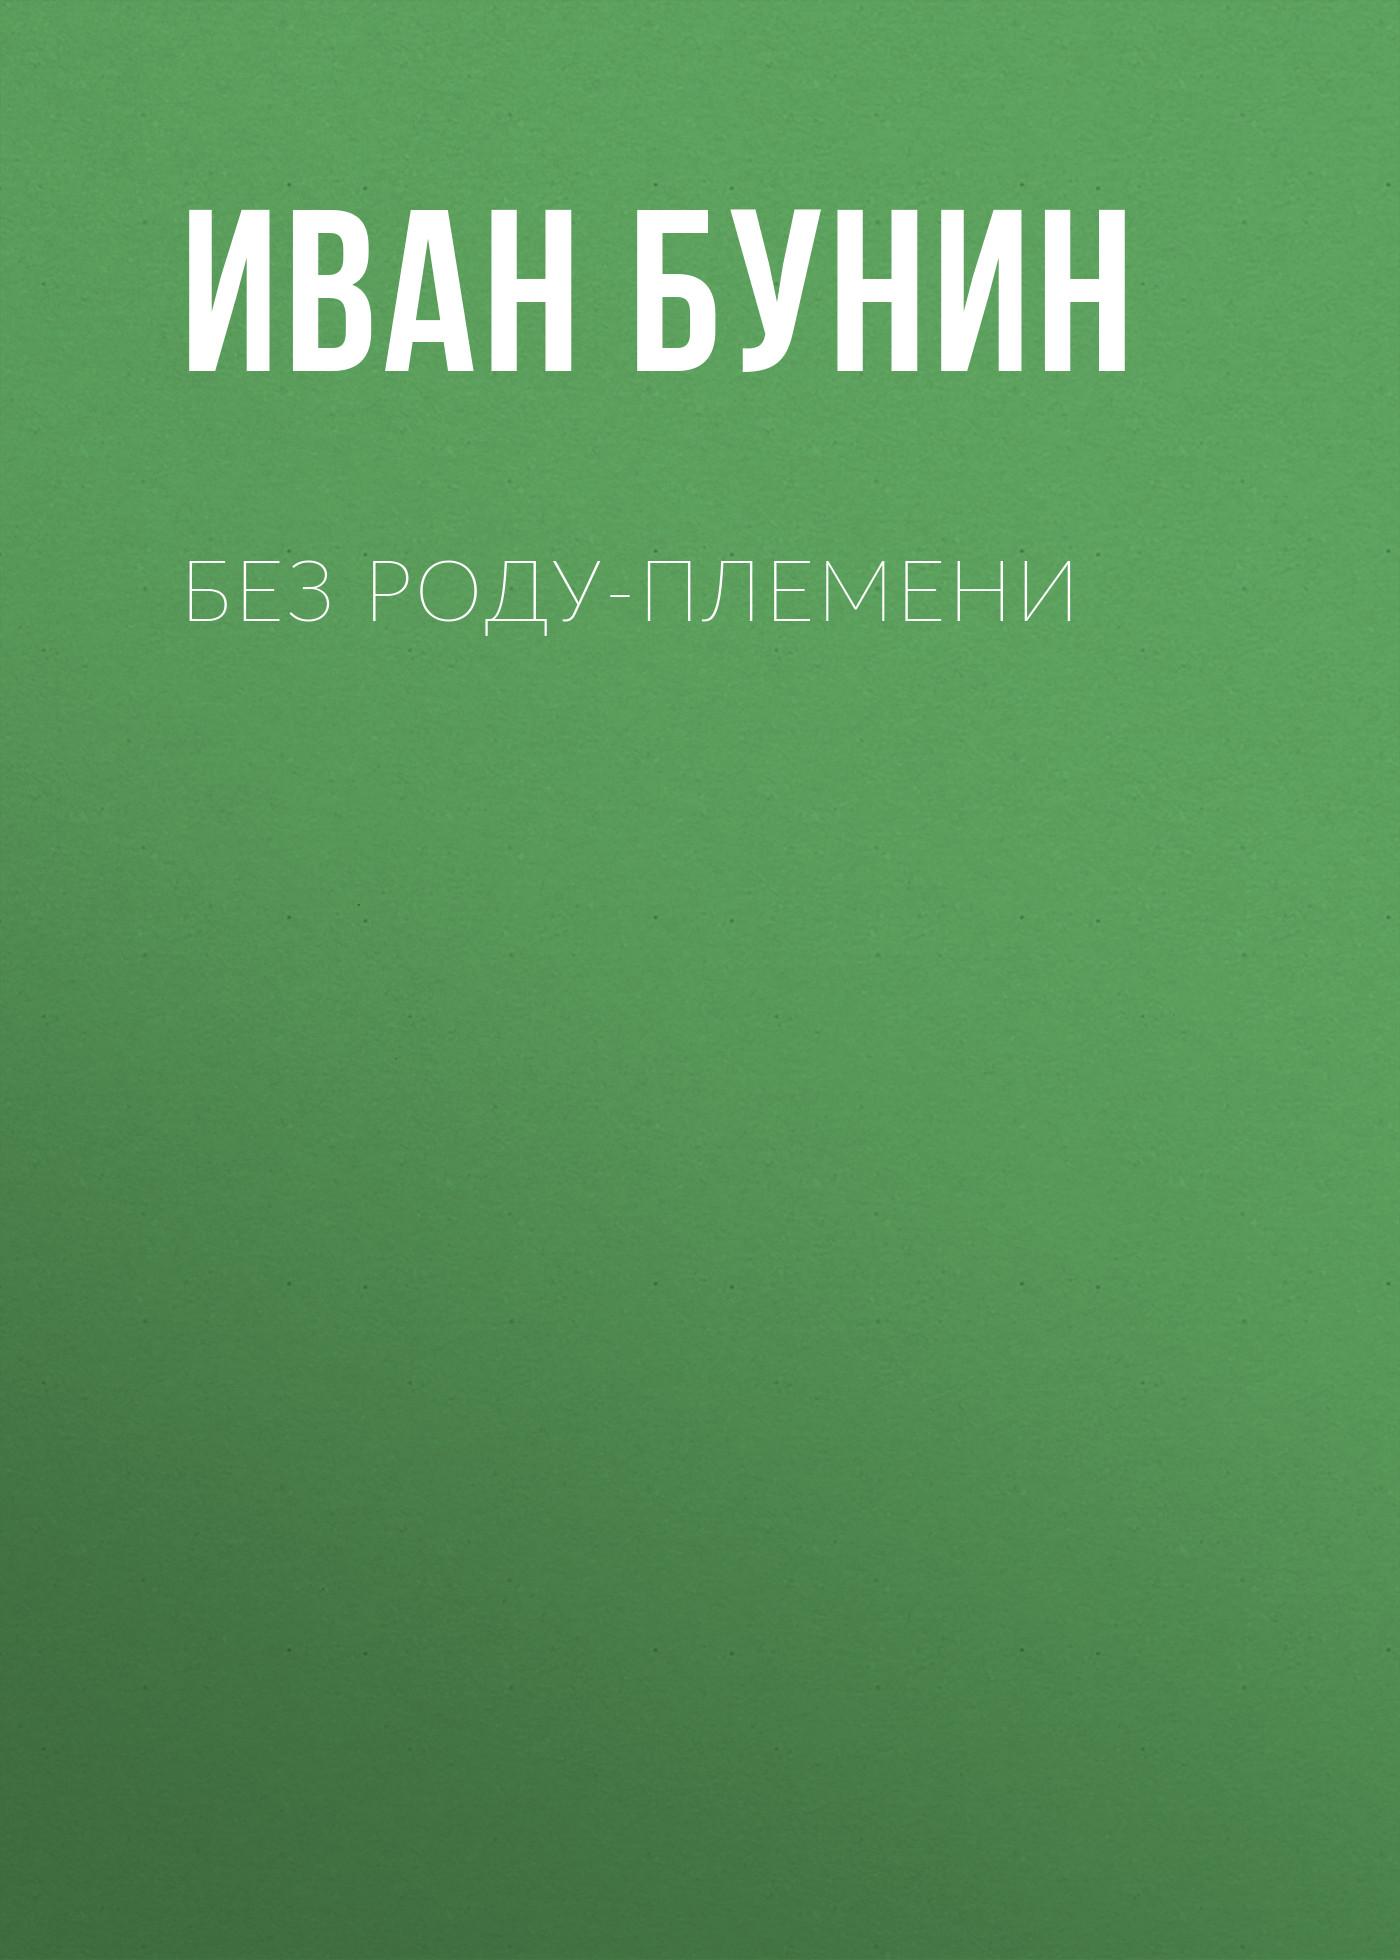 Фото - Иван Бунин Без роду-племени левицкий а я сталкер рождение зоны